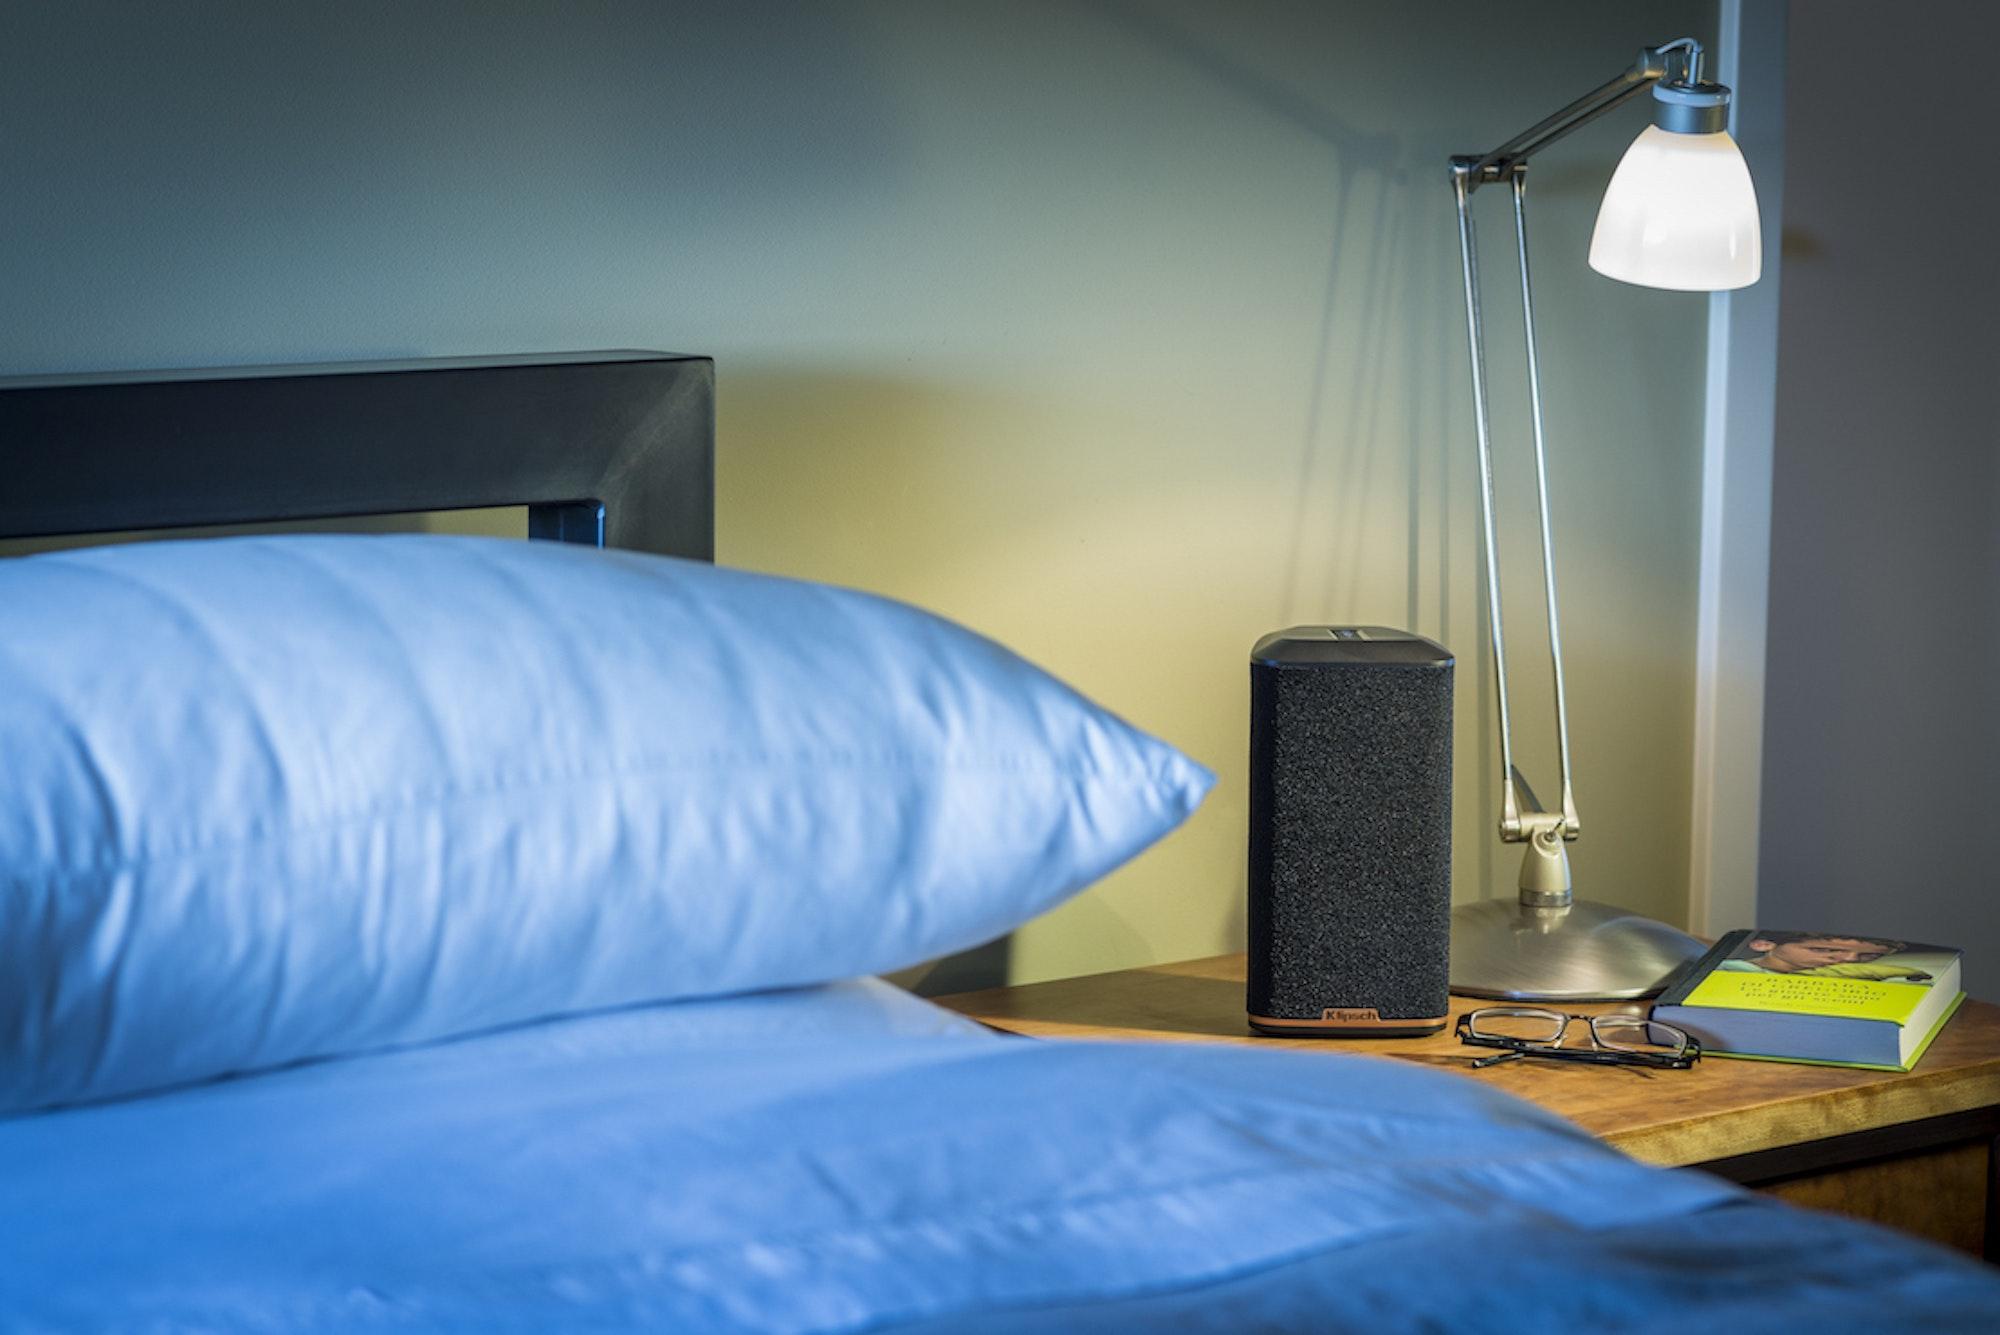 RW-1 wireless speaker on a bedside nightstand